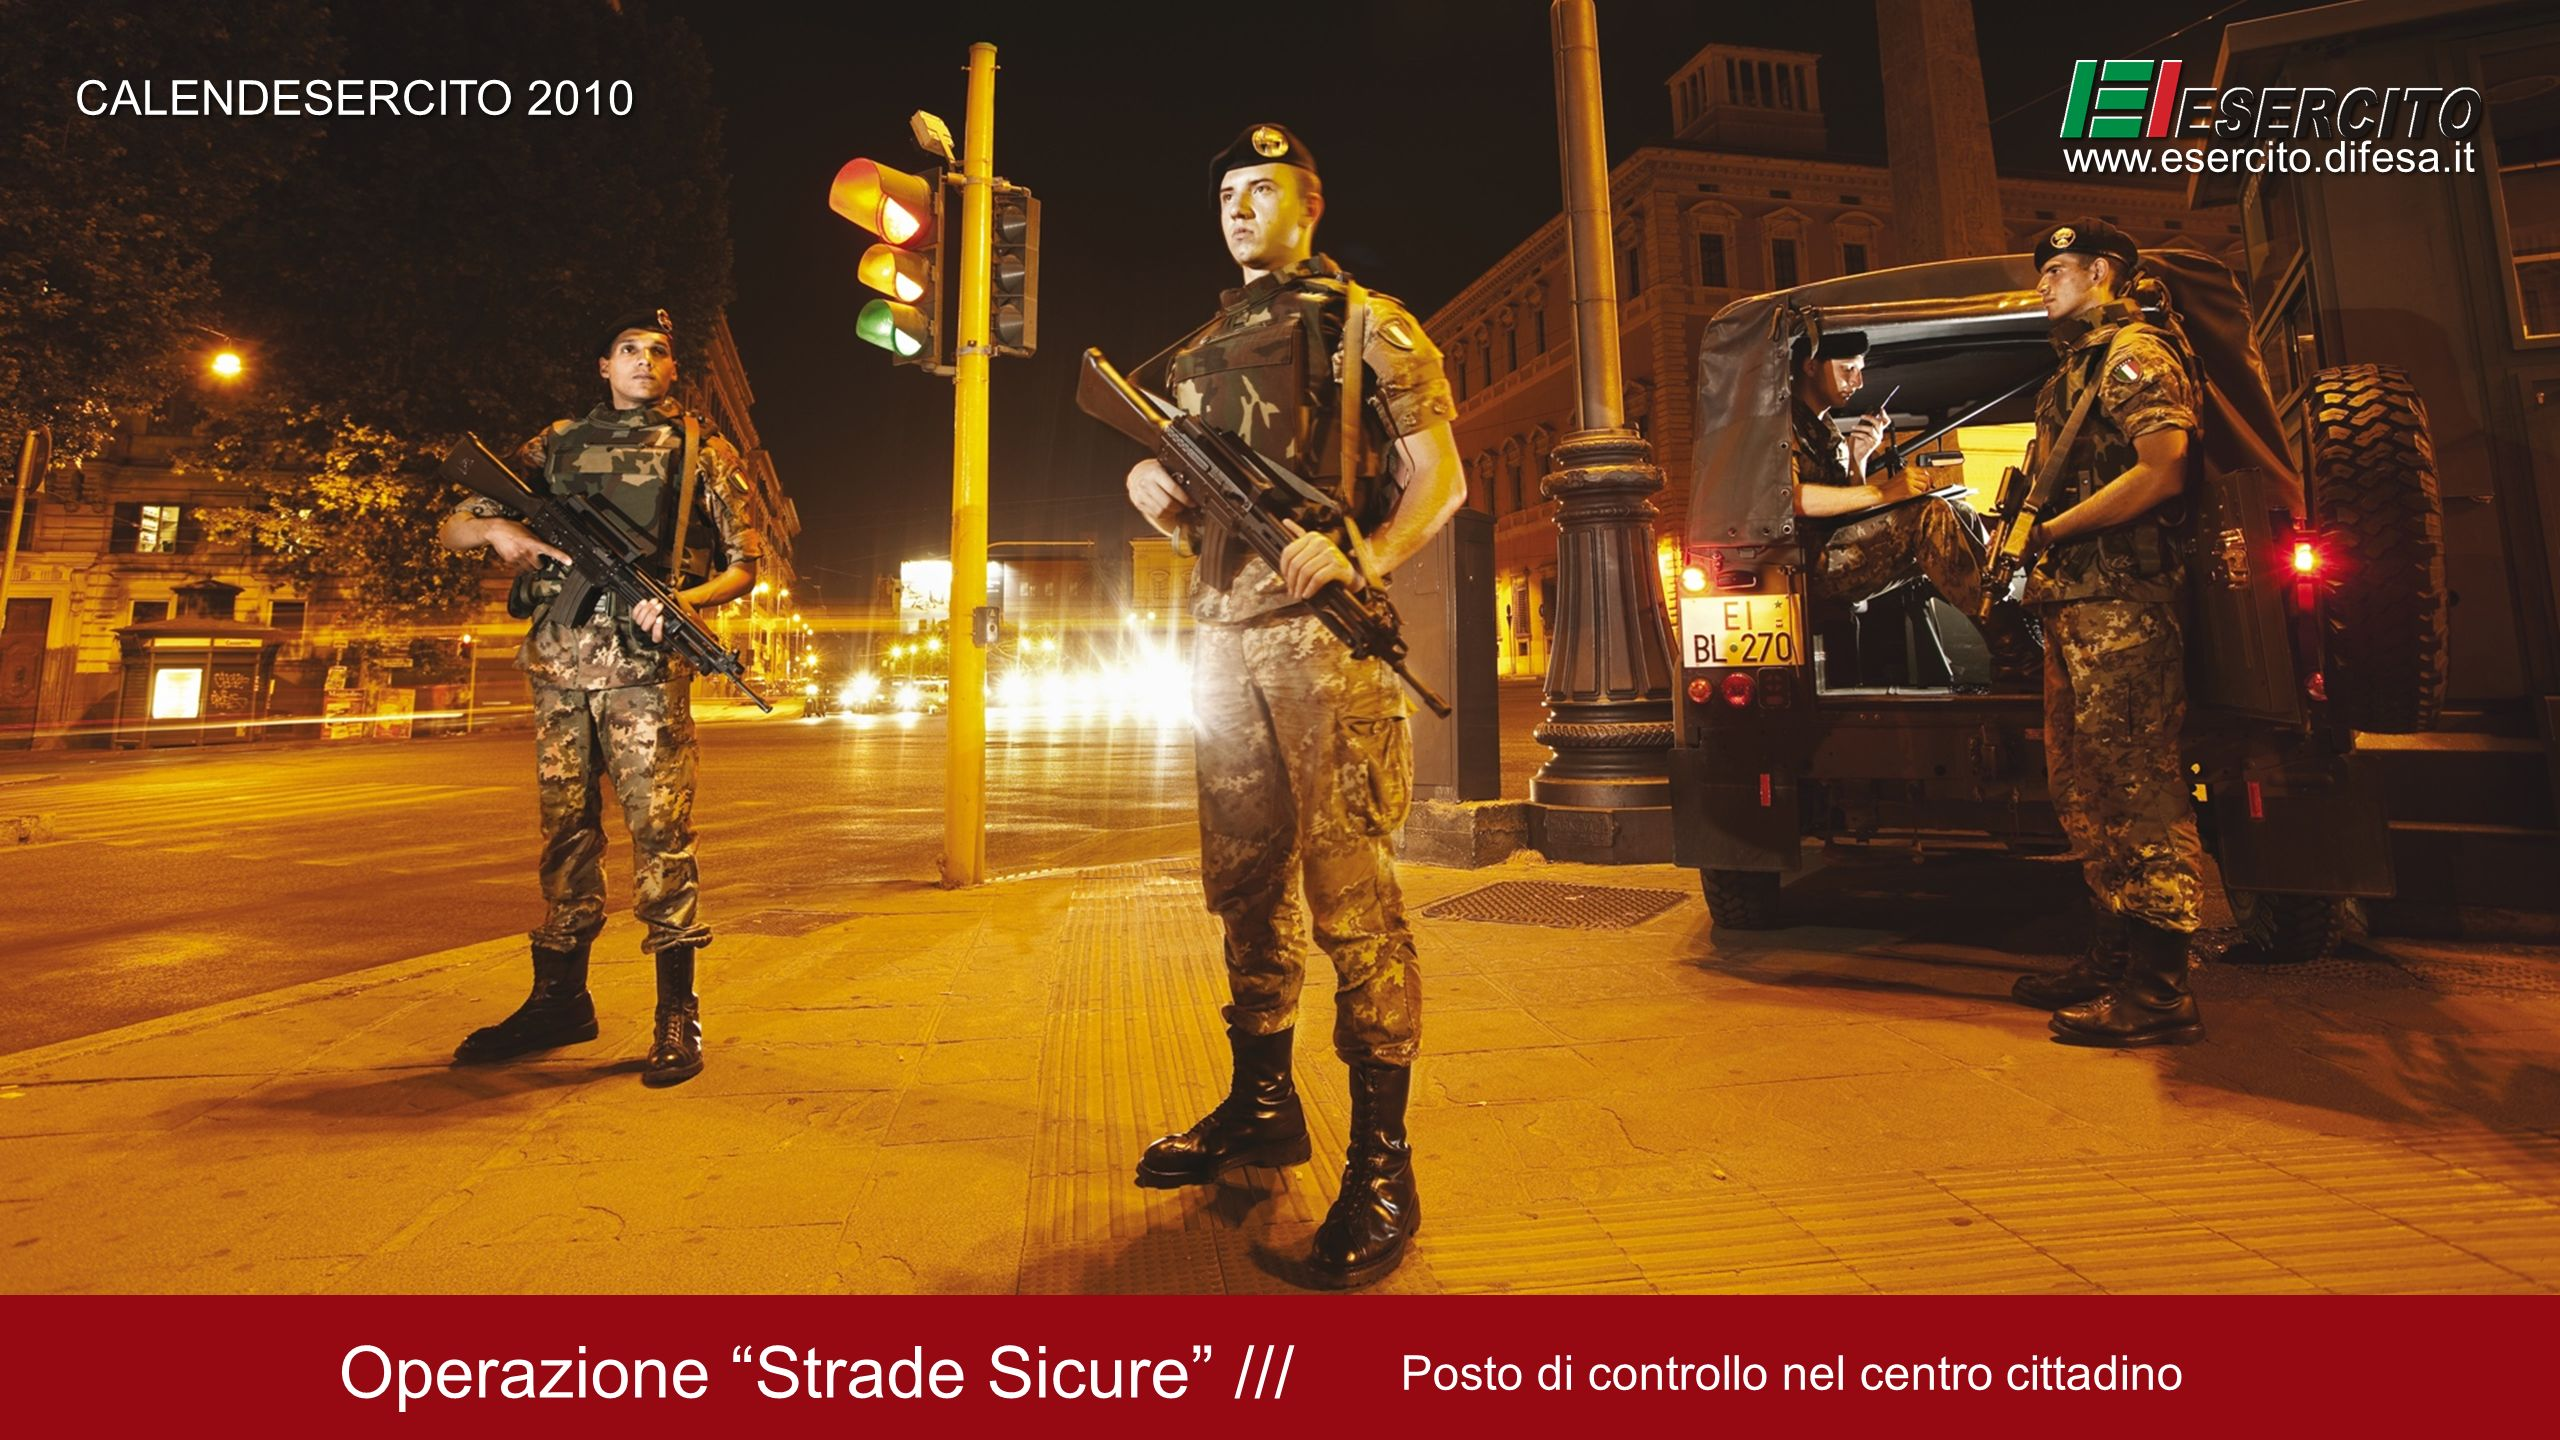 Operazione Strade Sicure ///